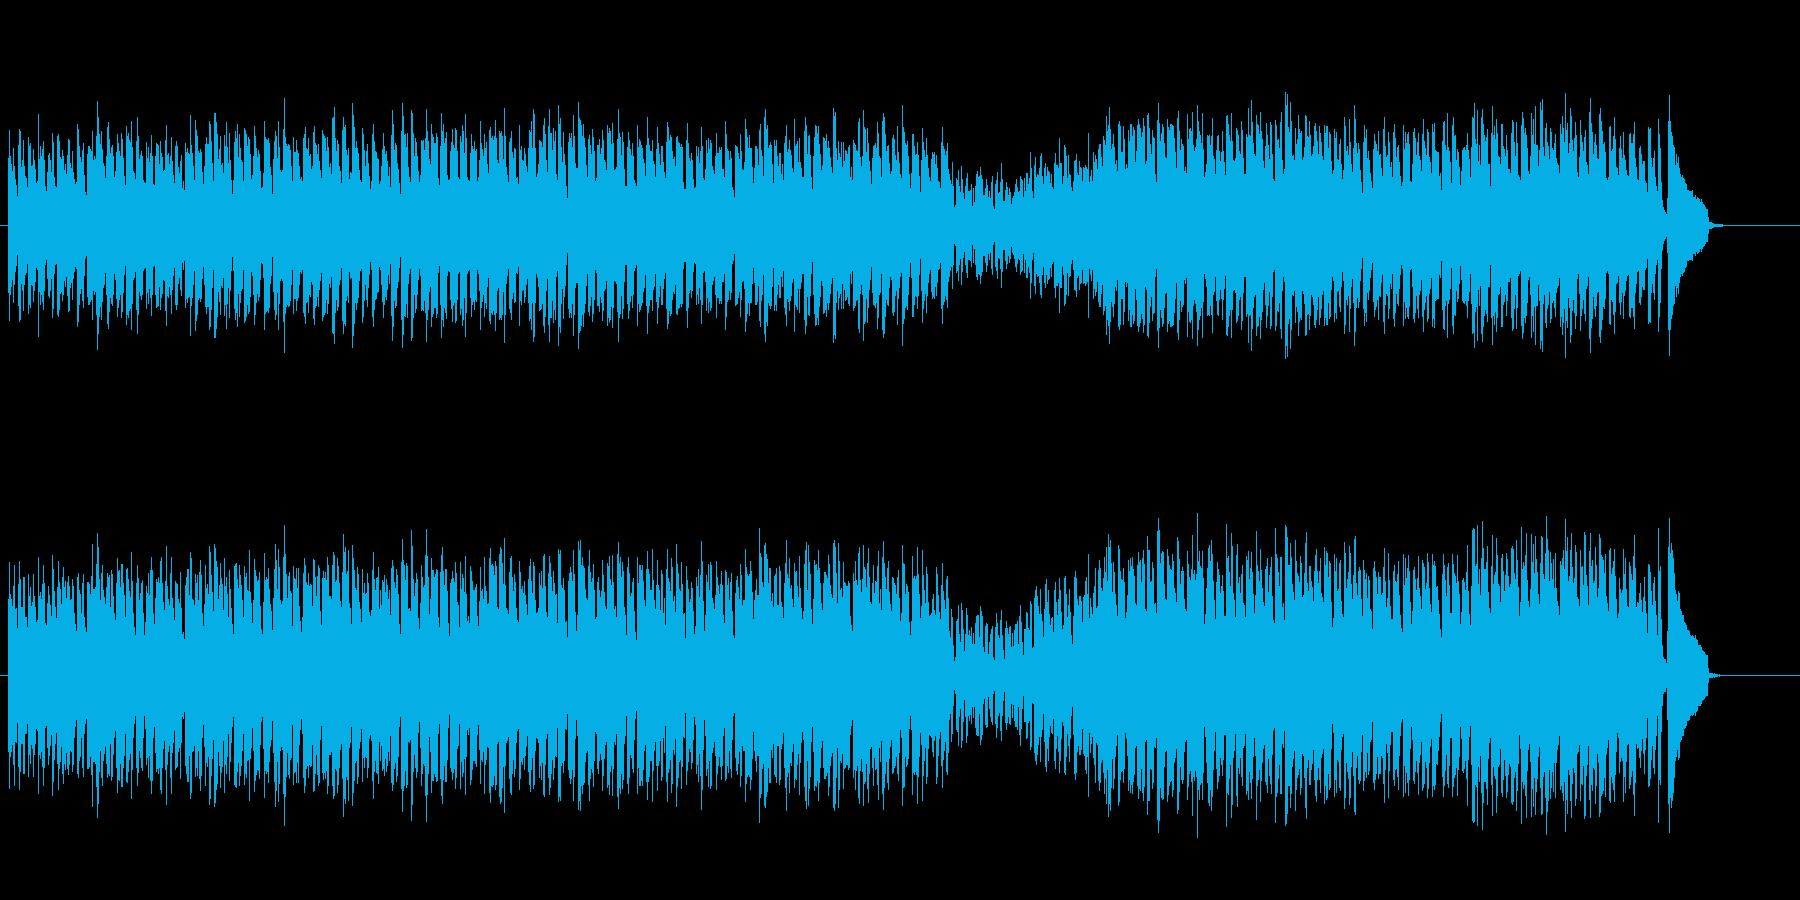 哀愁のジプシー・ミュージック風の再生済みの波形